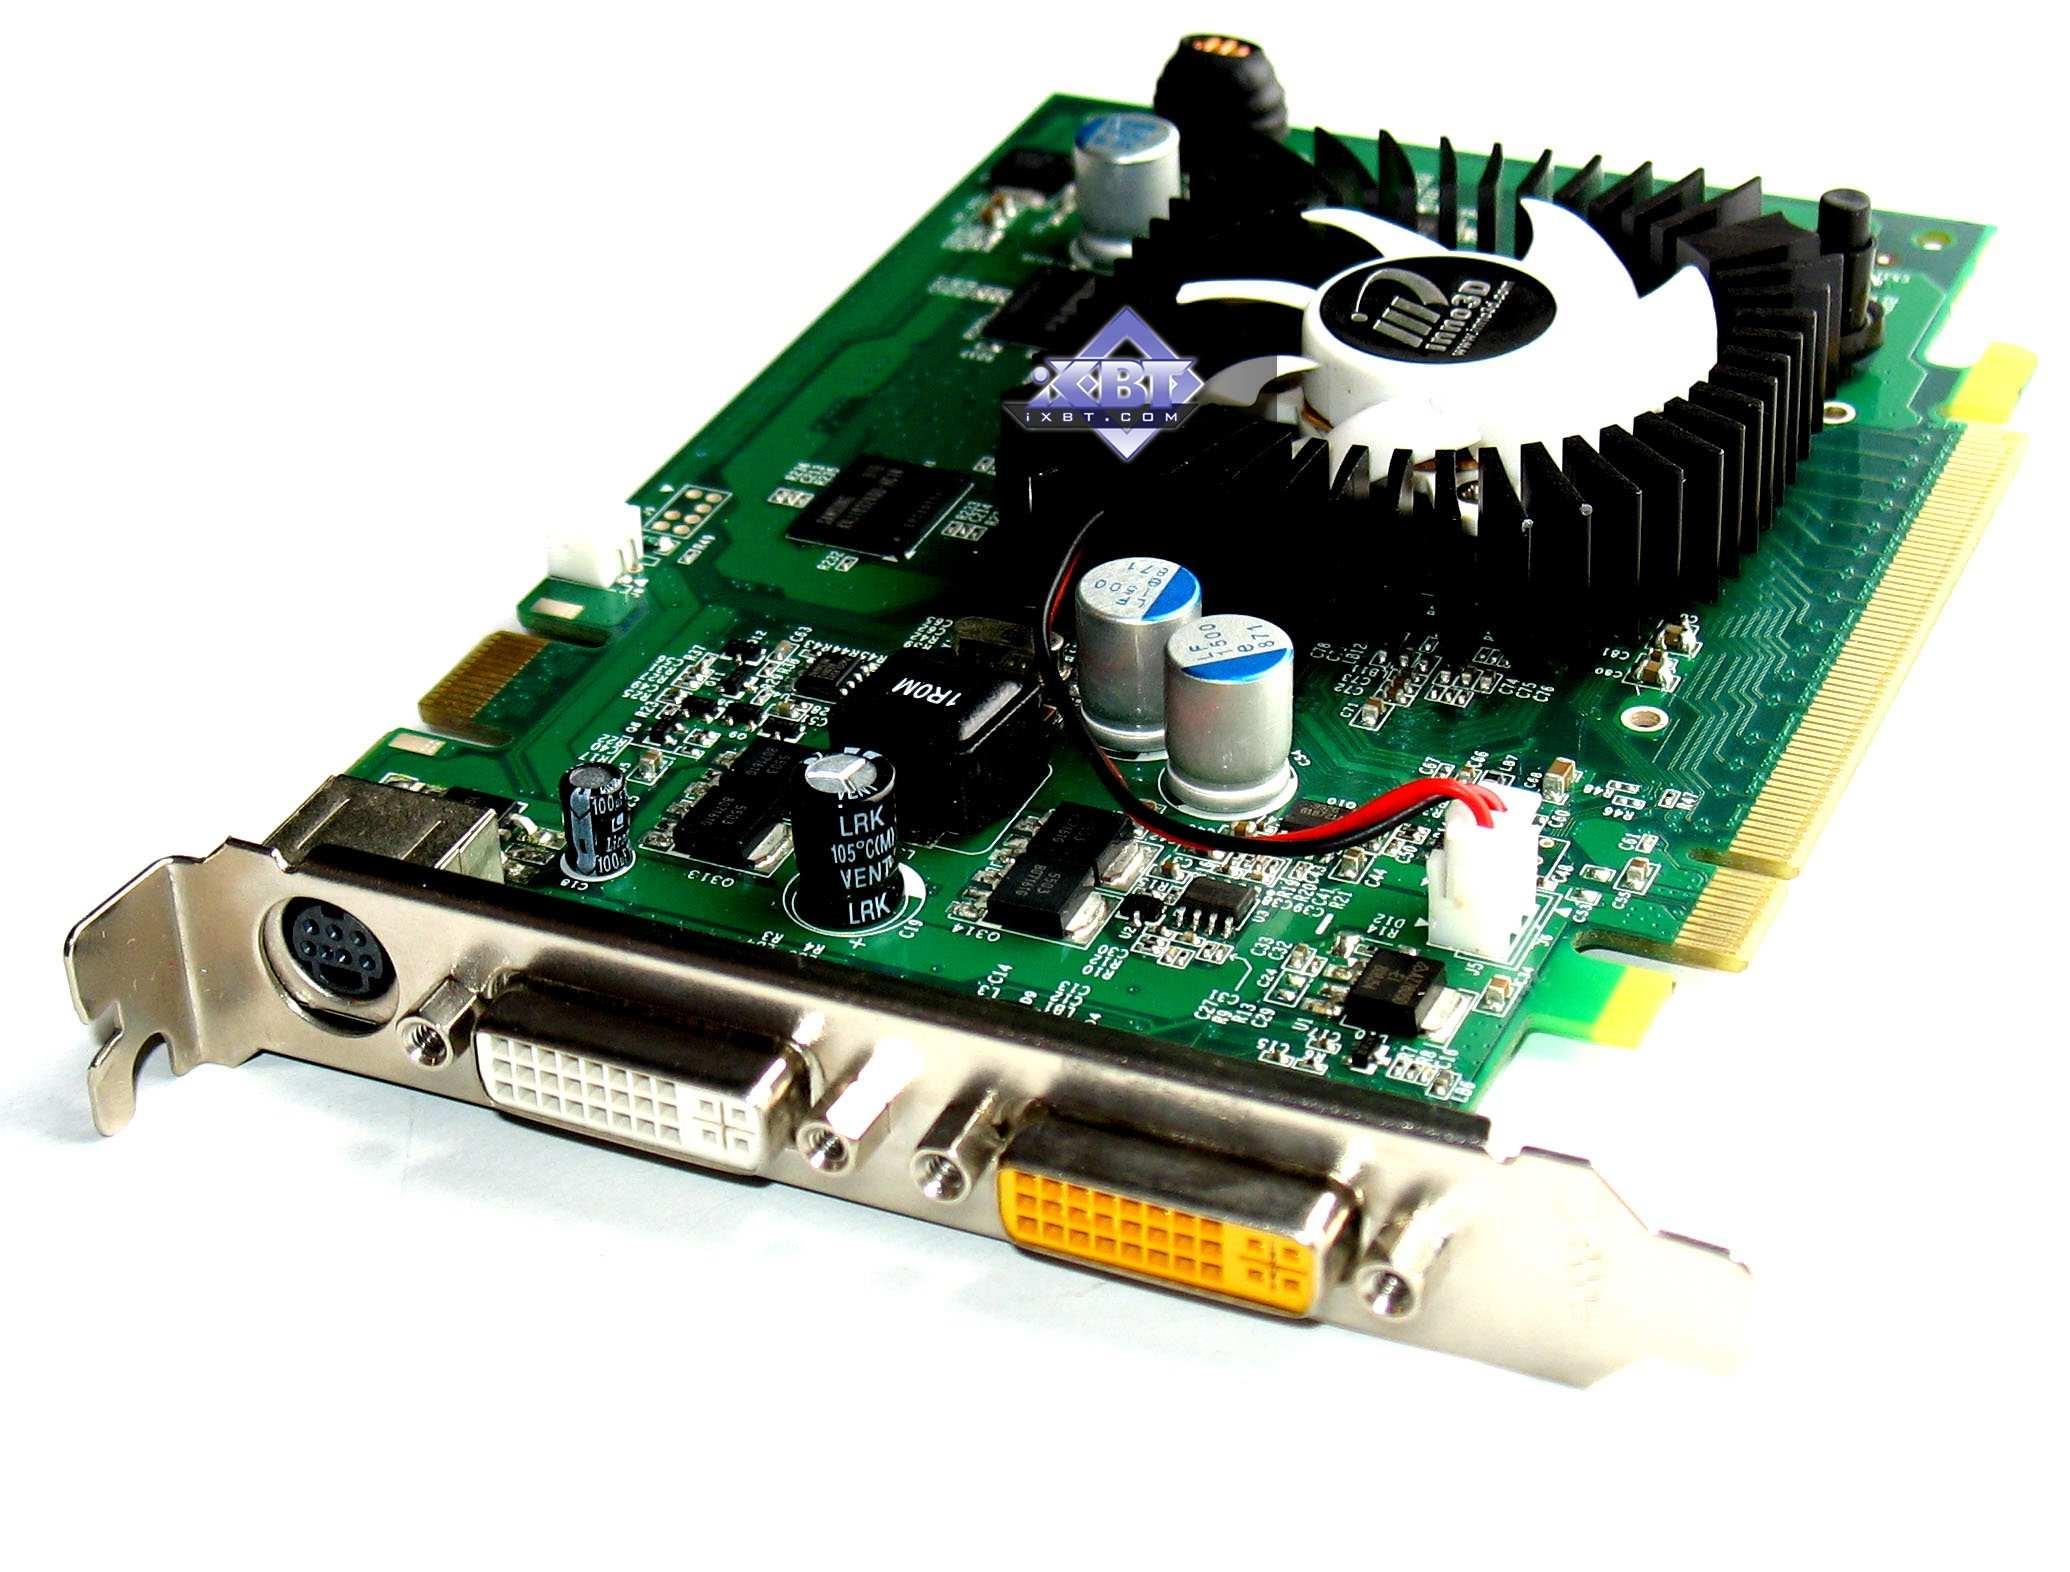 Placas de Vídeo AGP 128 MB em Componentes.